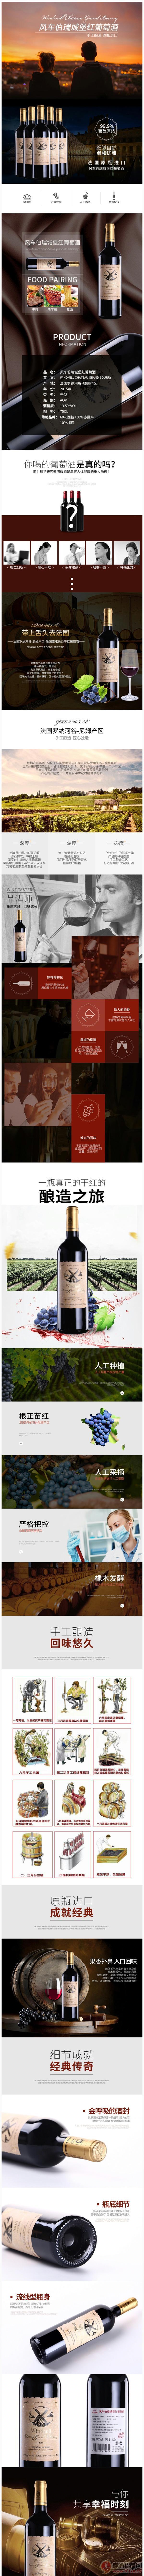 法国风车伯瑞城堡红葡萄酒